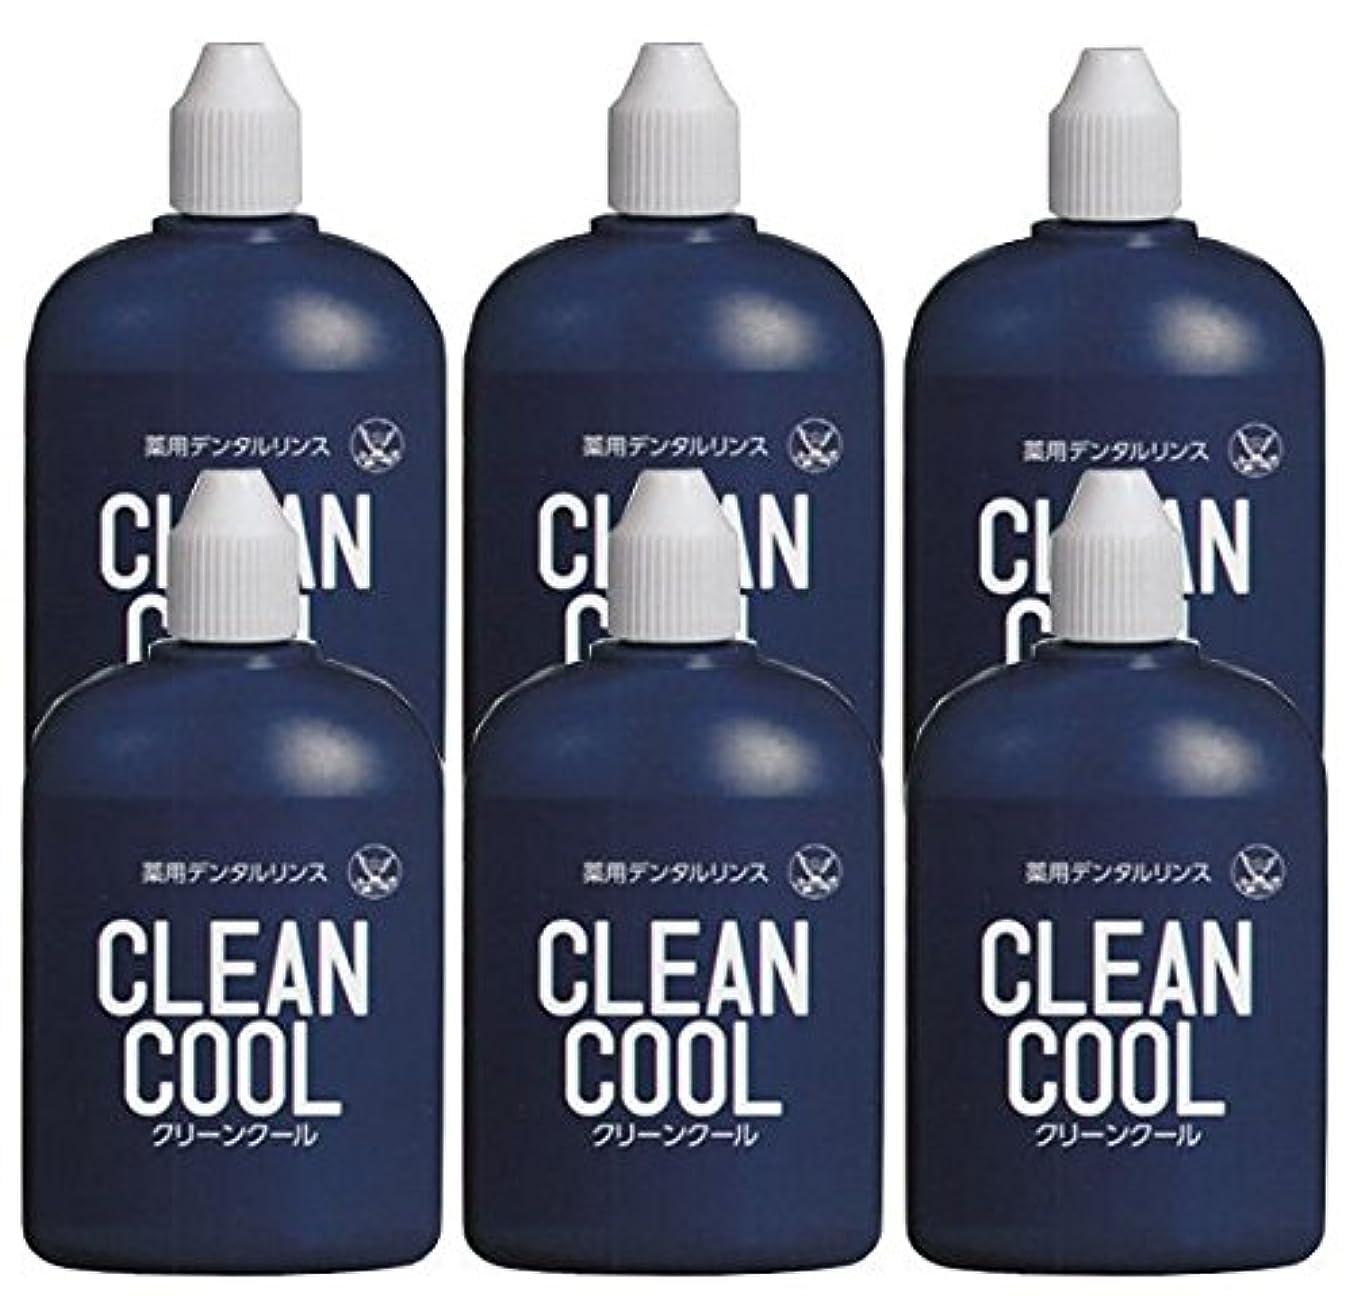 貧困胆嚢コンプリート薬用デンタルリンス クリーンクール (CLEAN COOL) 洗口液 100ml × 6個